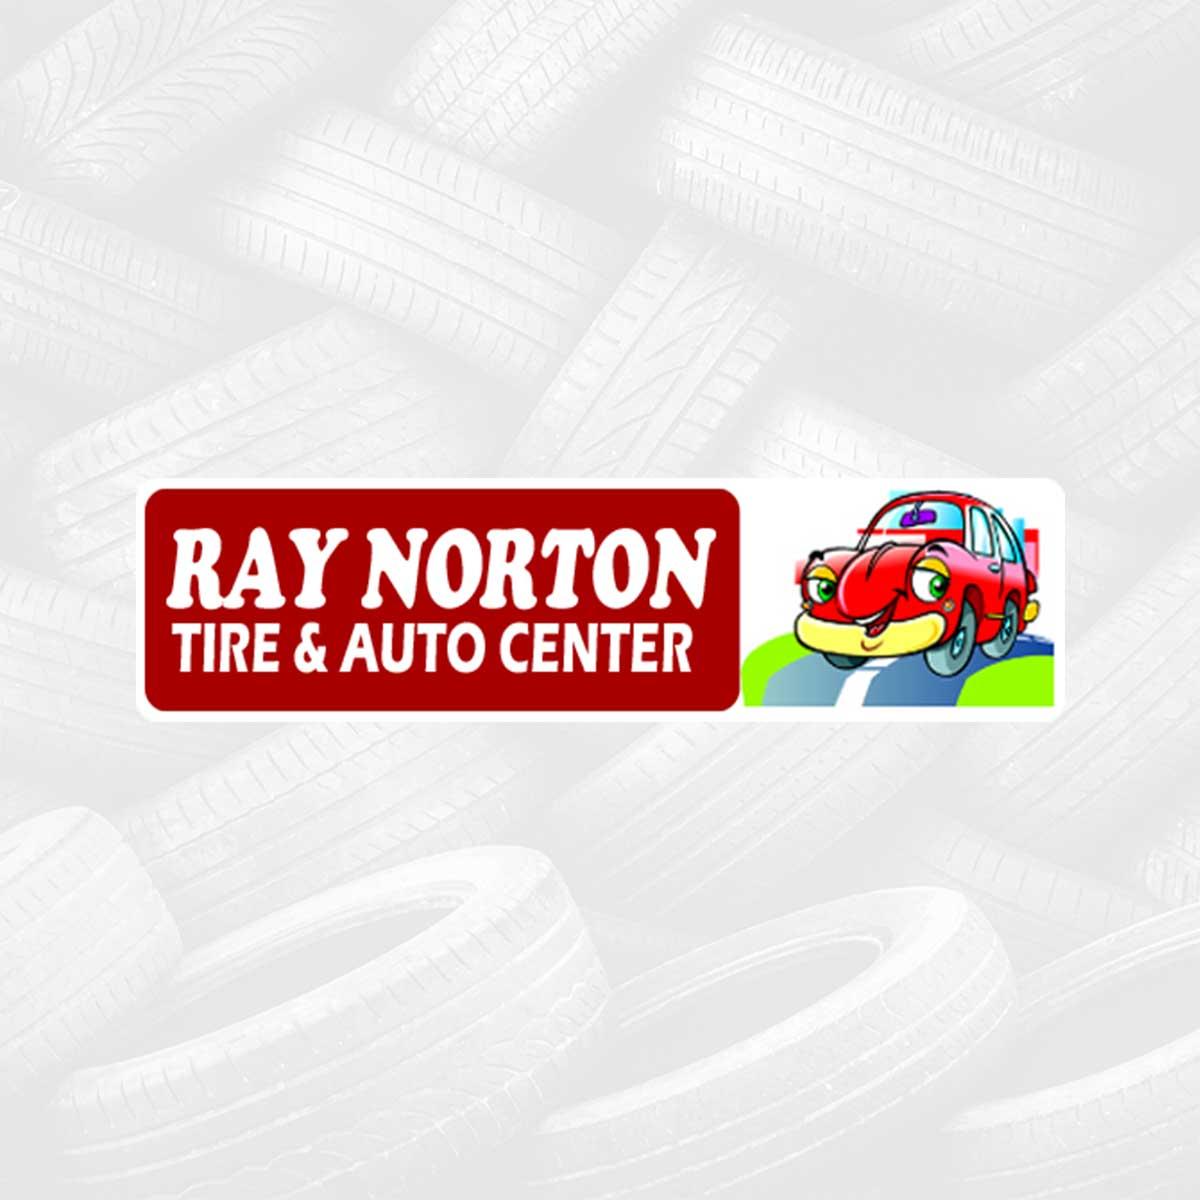 Ray Norton Tire and Auto